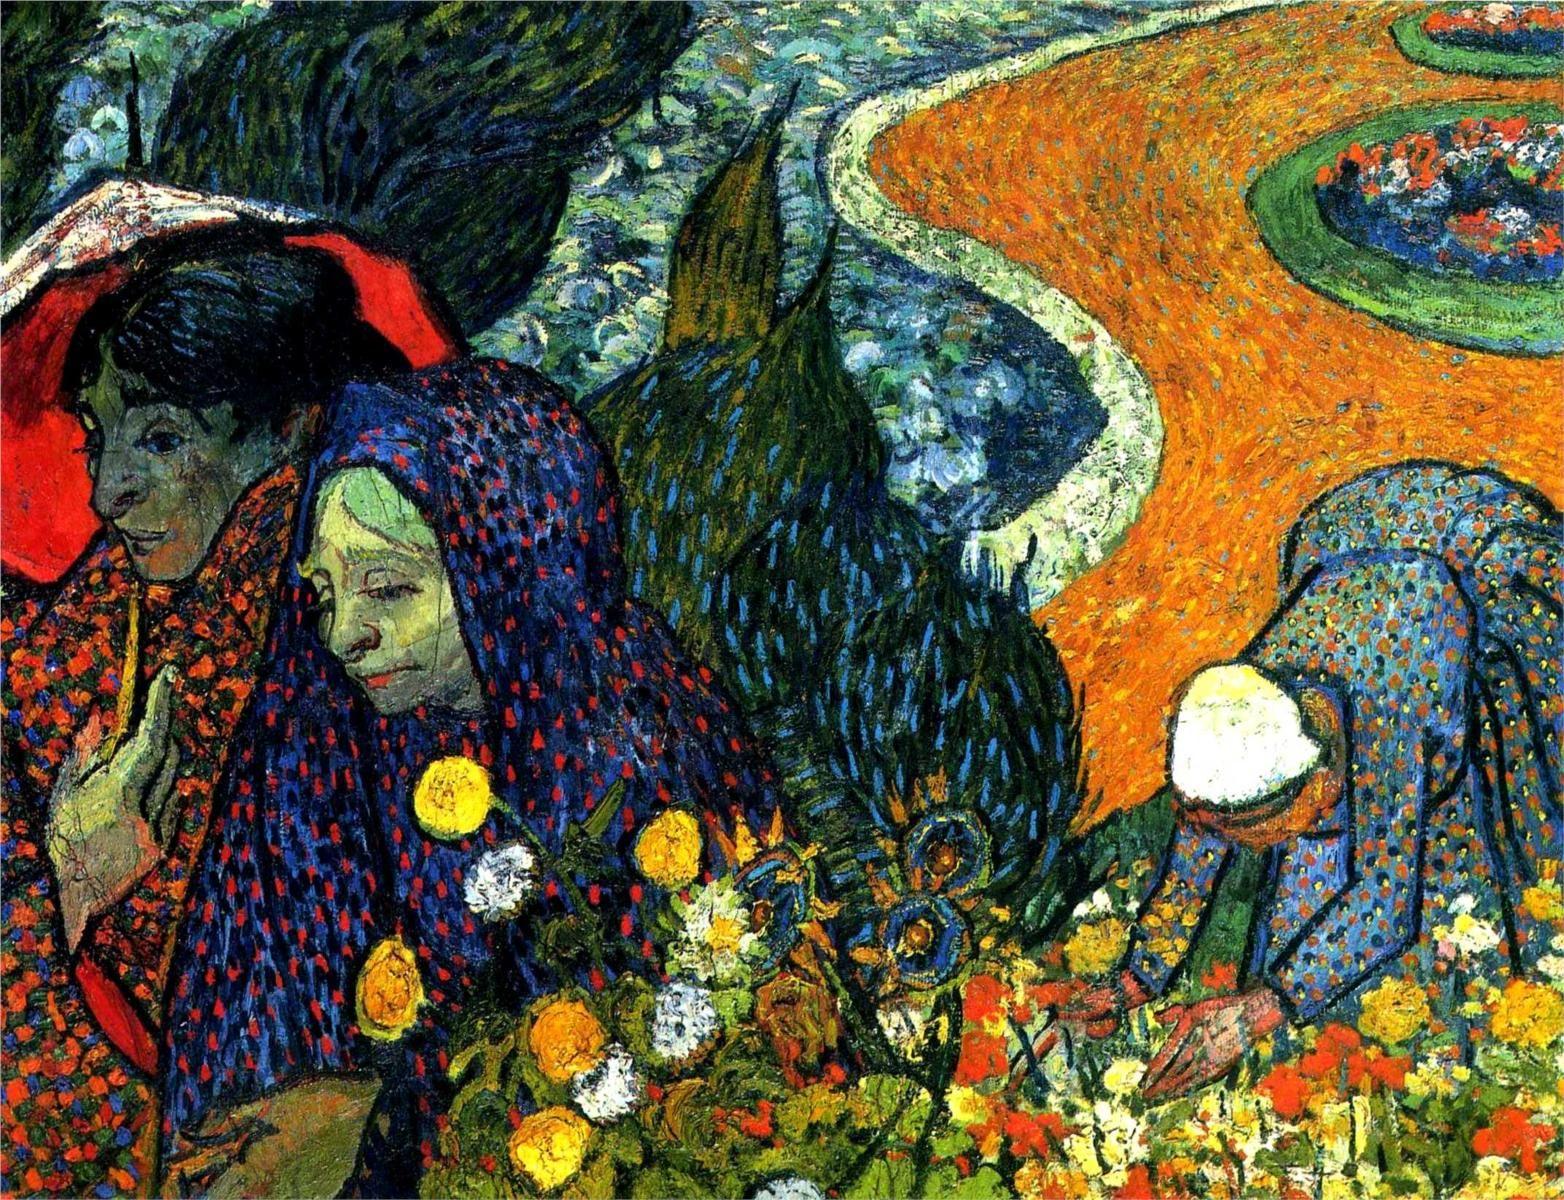 Vincent van Gogh - Ladies of Arles (Memories of the Garden at Etten), 1888